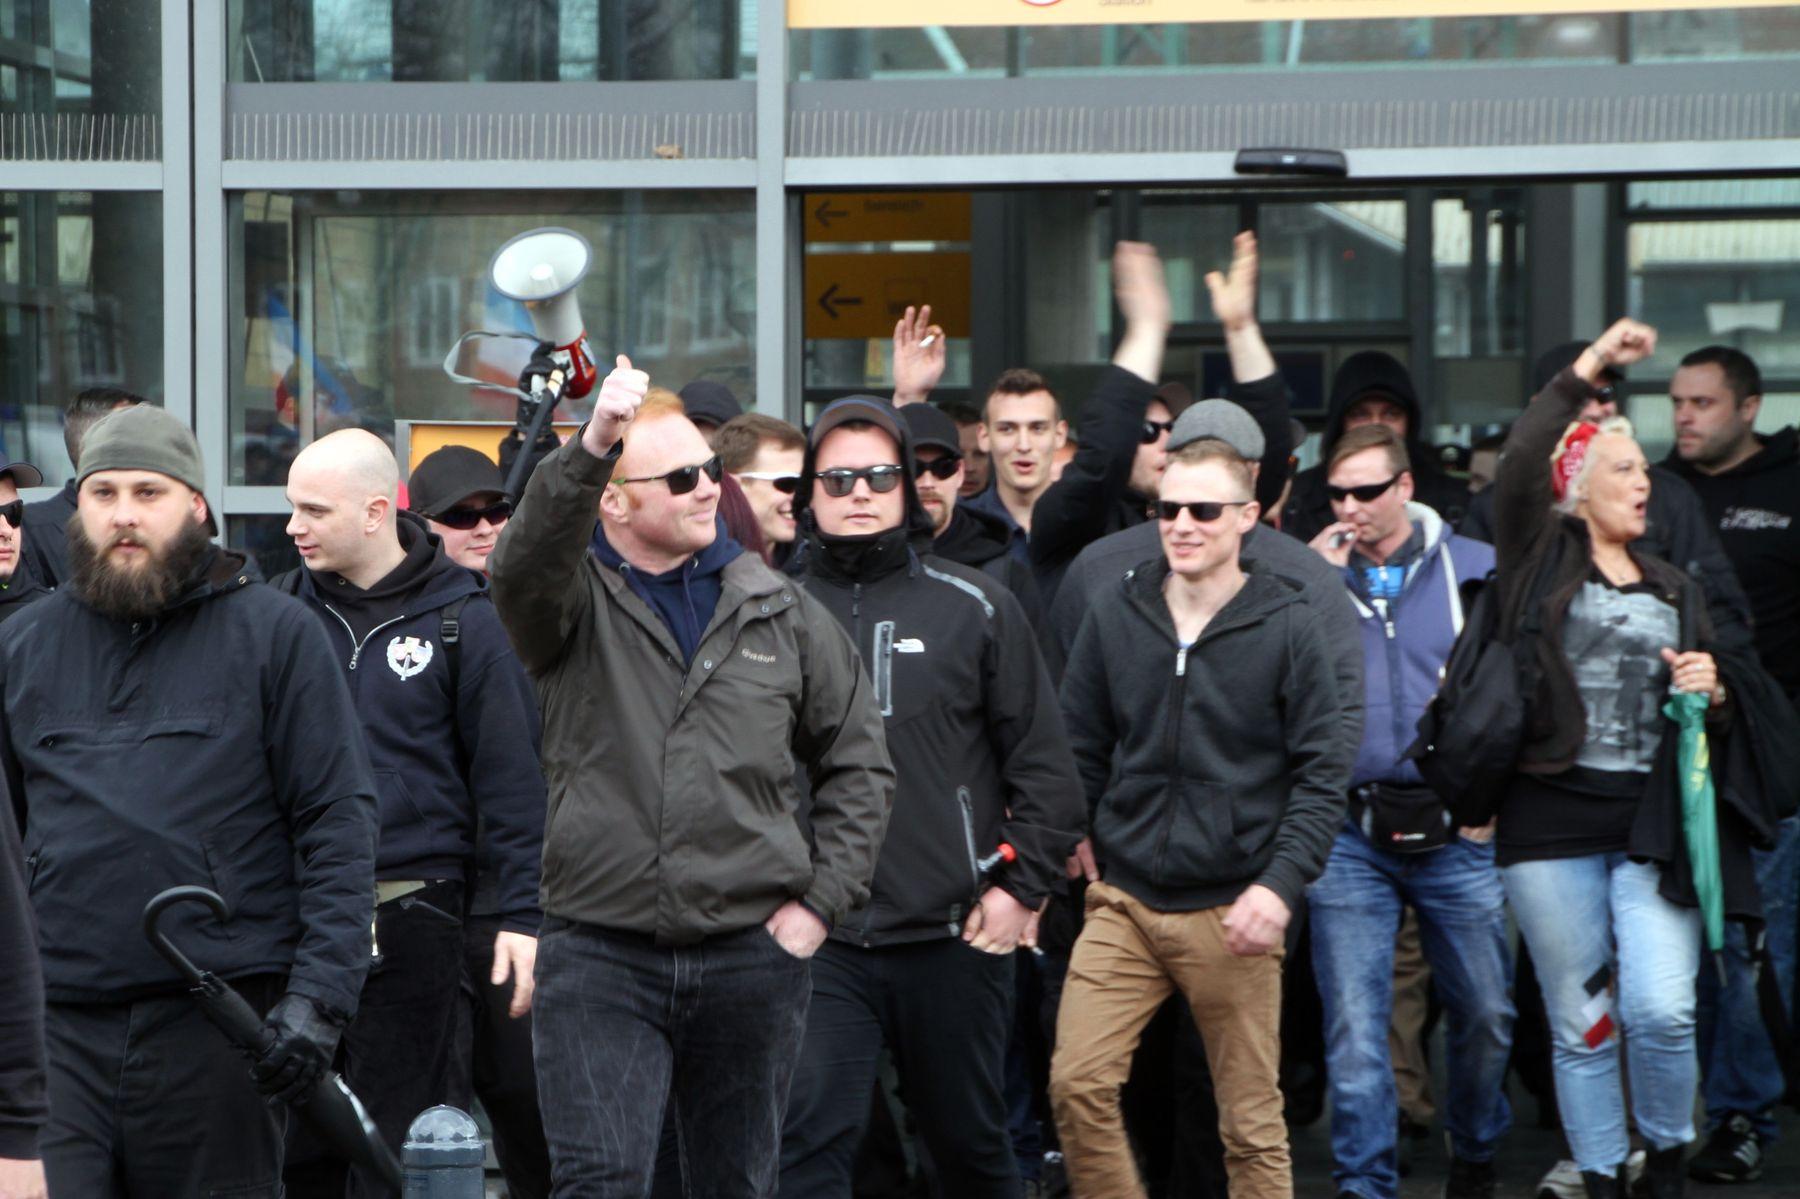 Andreas Theißen und weitere Neonazis aus Mecklenburg-Vorpommern sind in Bad Oldesloe angekommen.